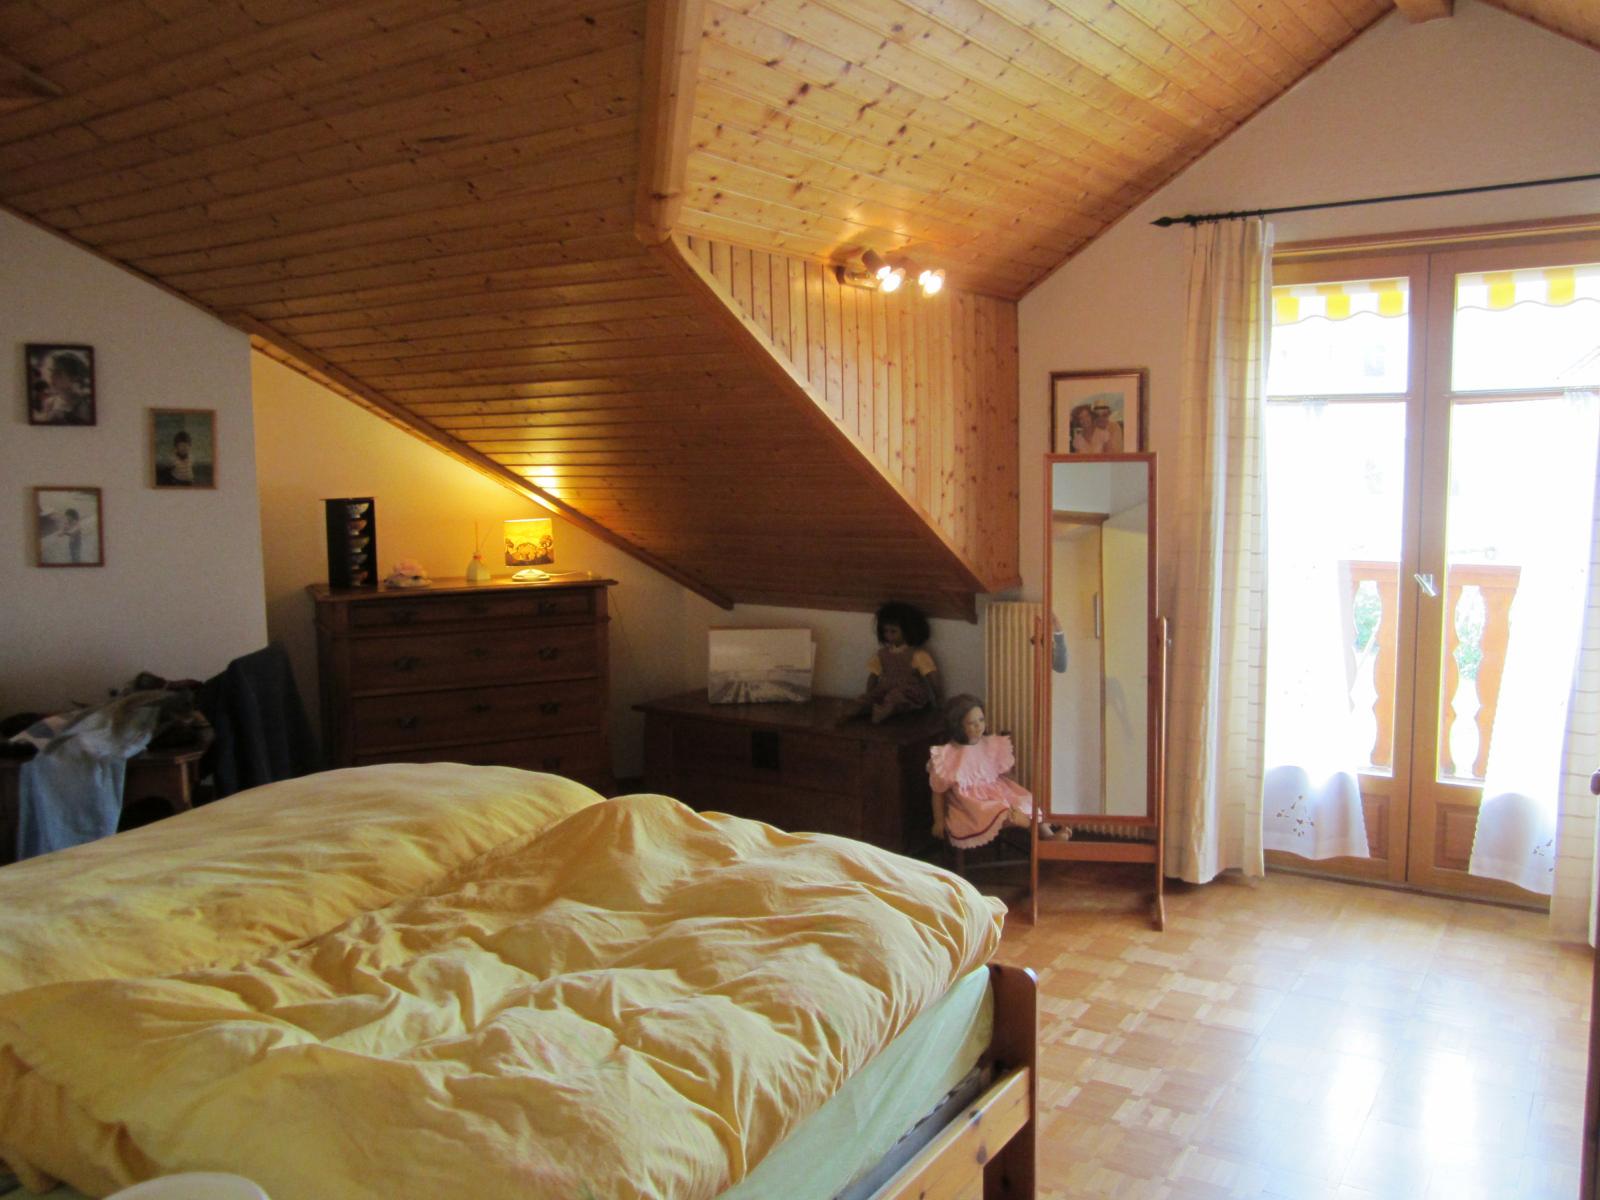 EXCLUSIVITE VIRY dans le charmant petit hameau de Malagny agréable maison mitoyenne... VENDU PAR LE CABINET